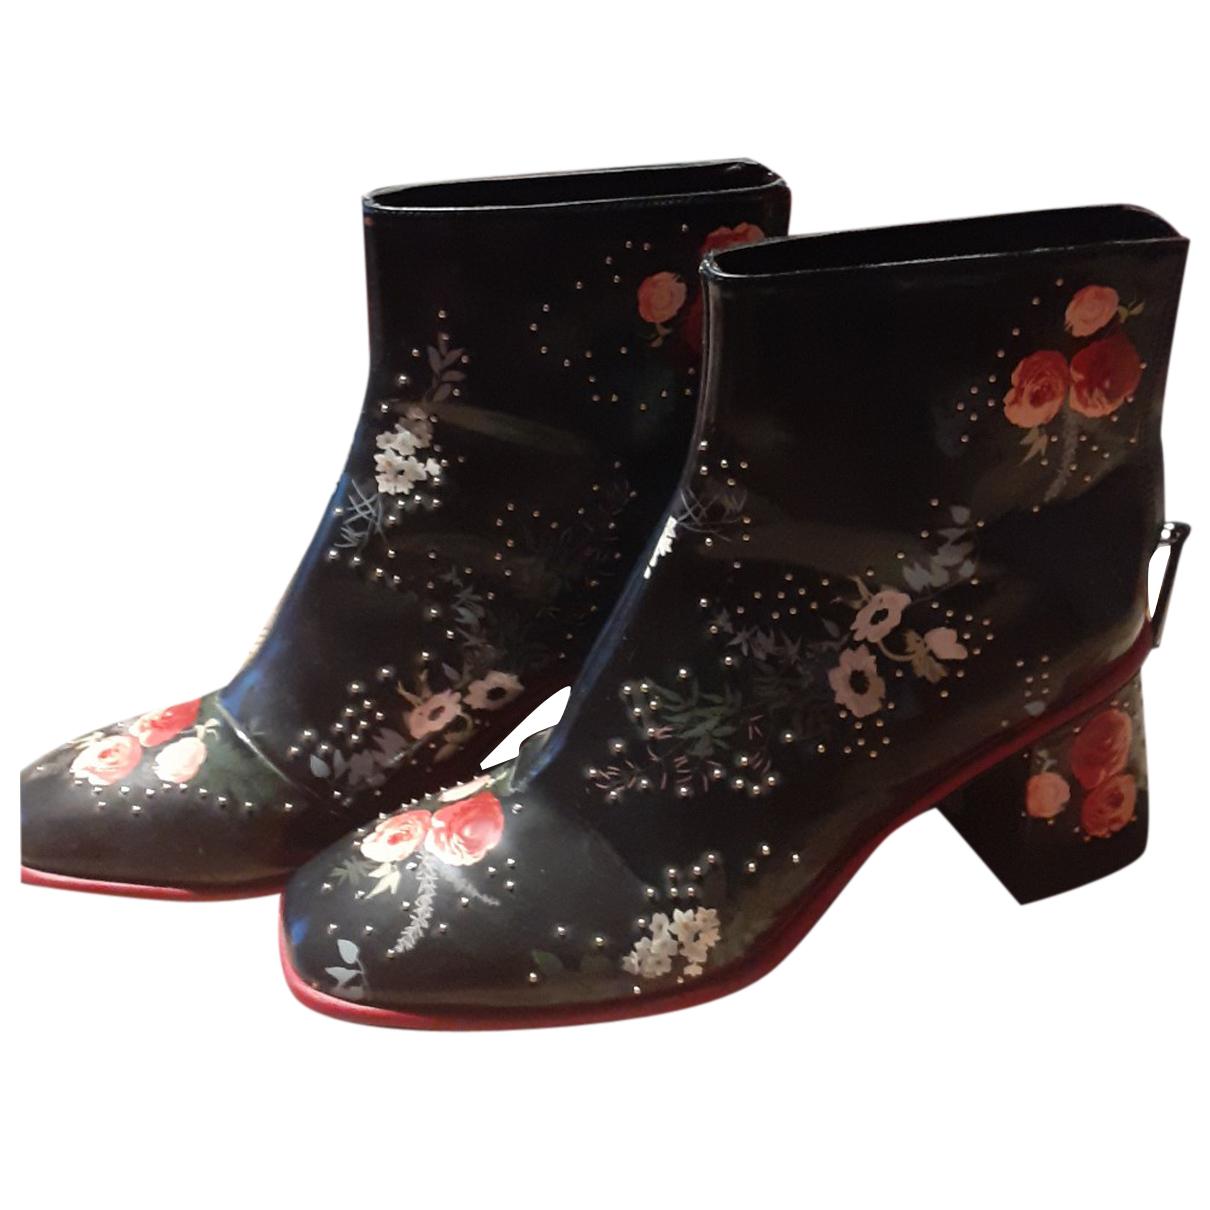 Zara - Bottes   pour femme en cuir verni - multicolore